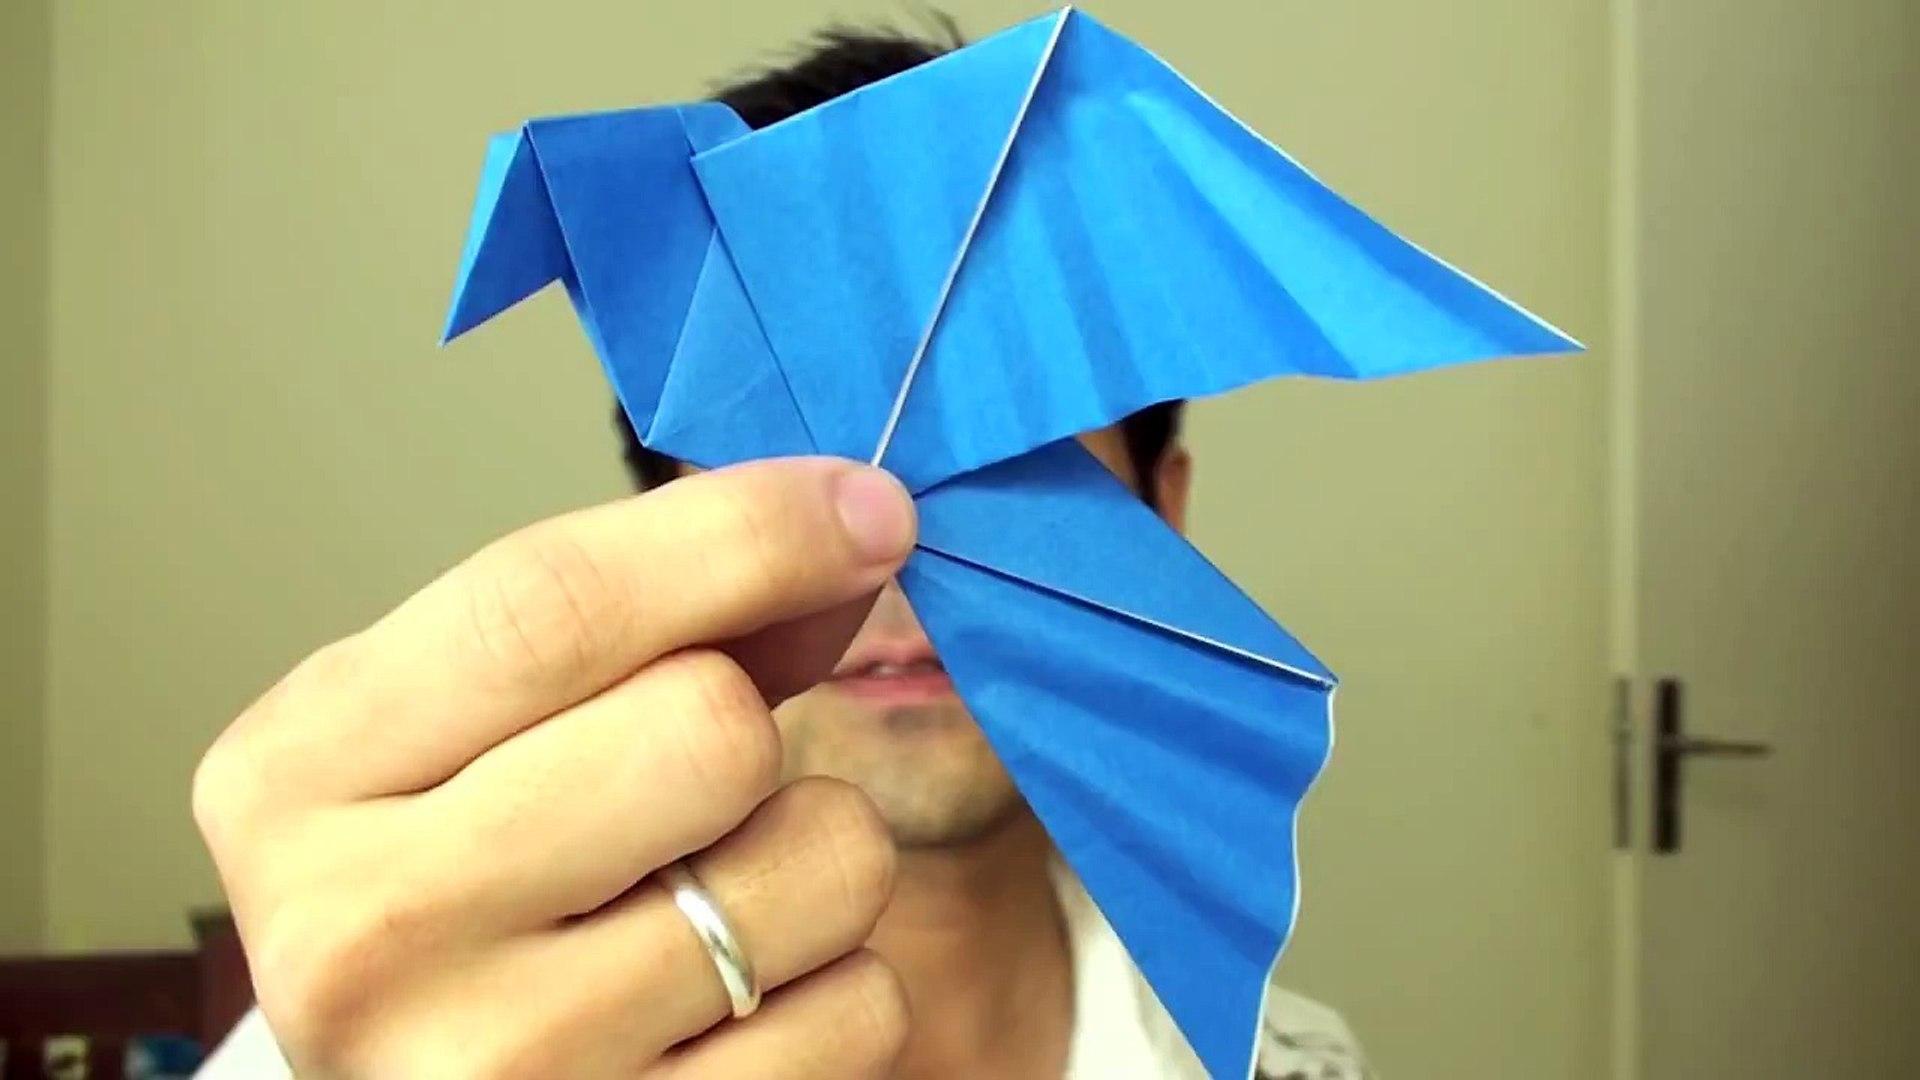 Home | Peace dove, Origami dove, Origami | 1080x1920